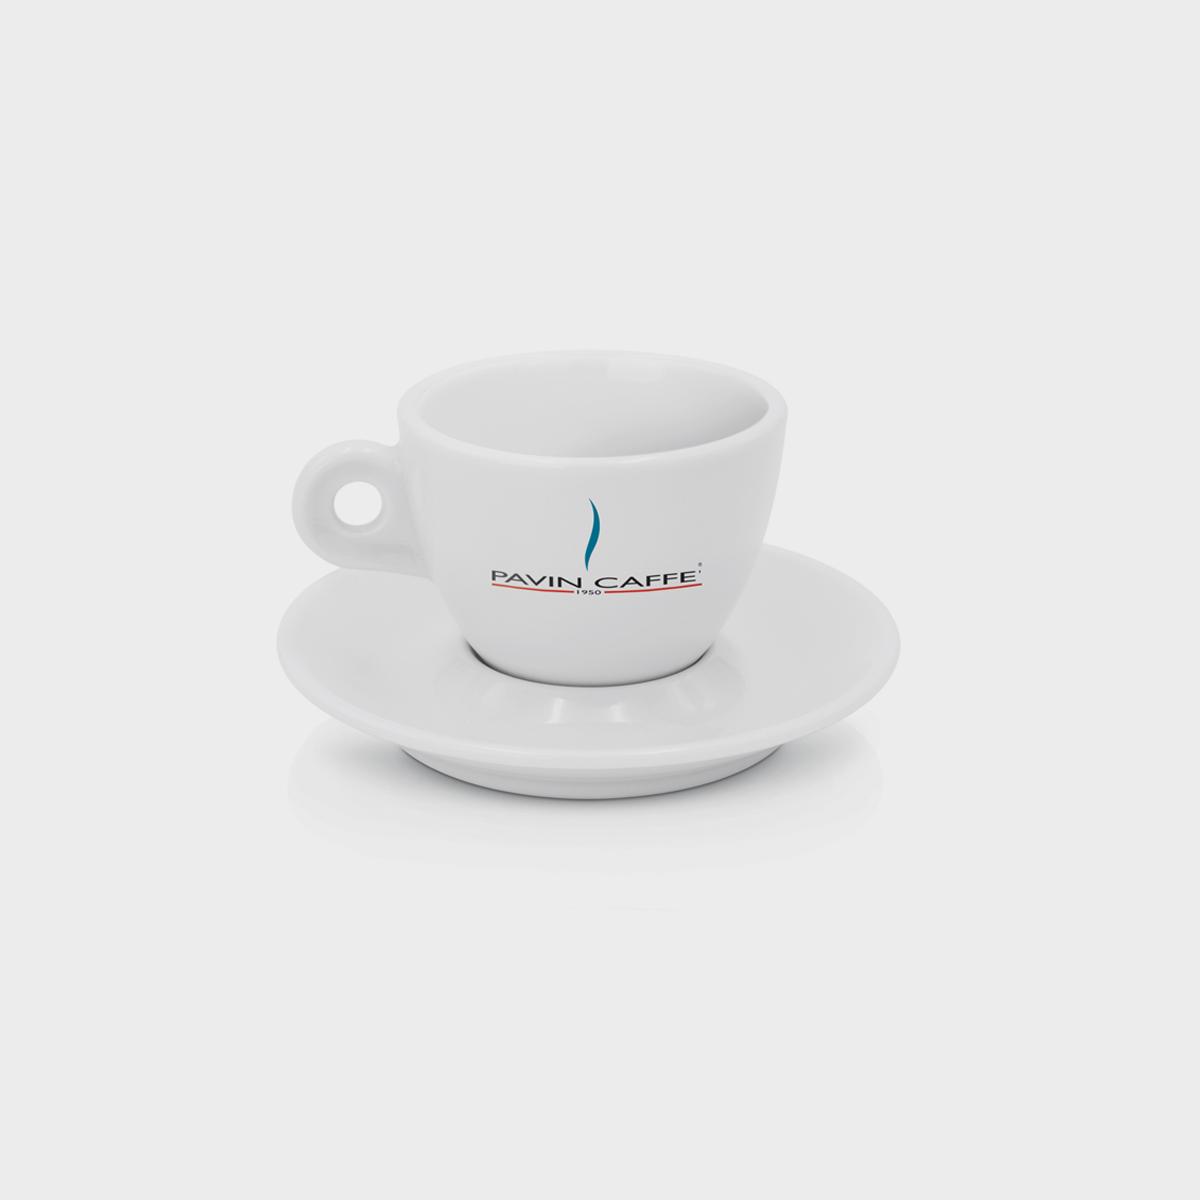 tazza-tonda-cappuccino-pavin-caffe